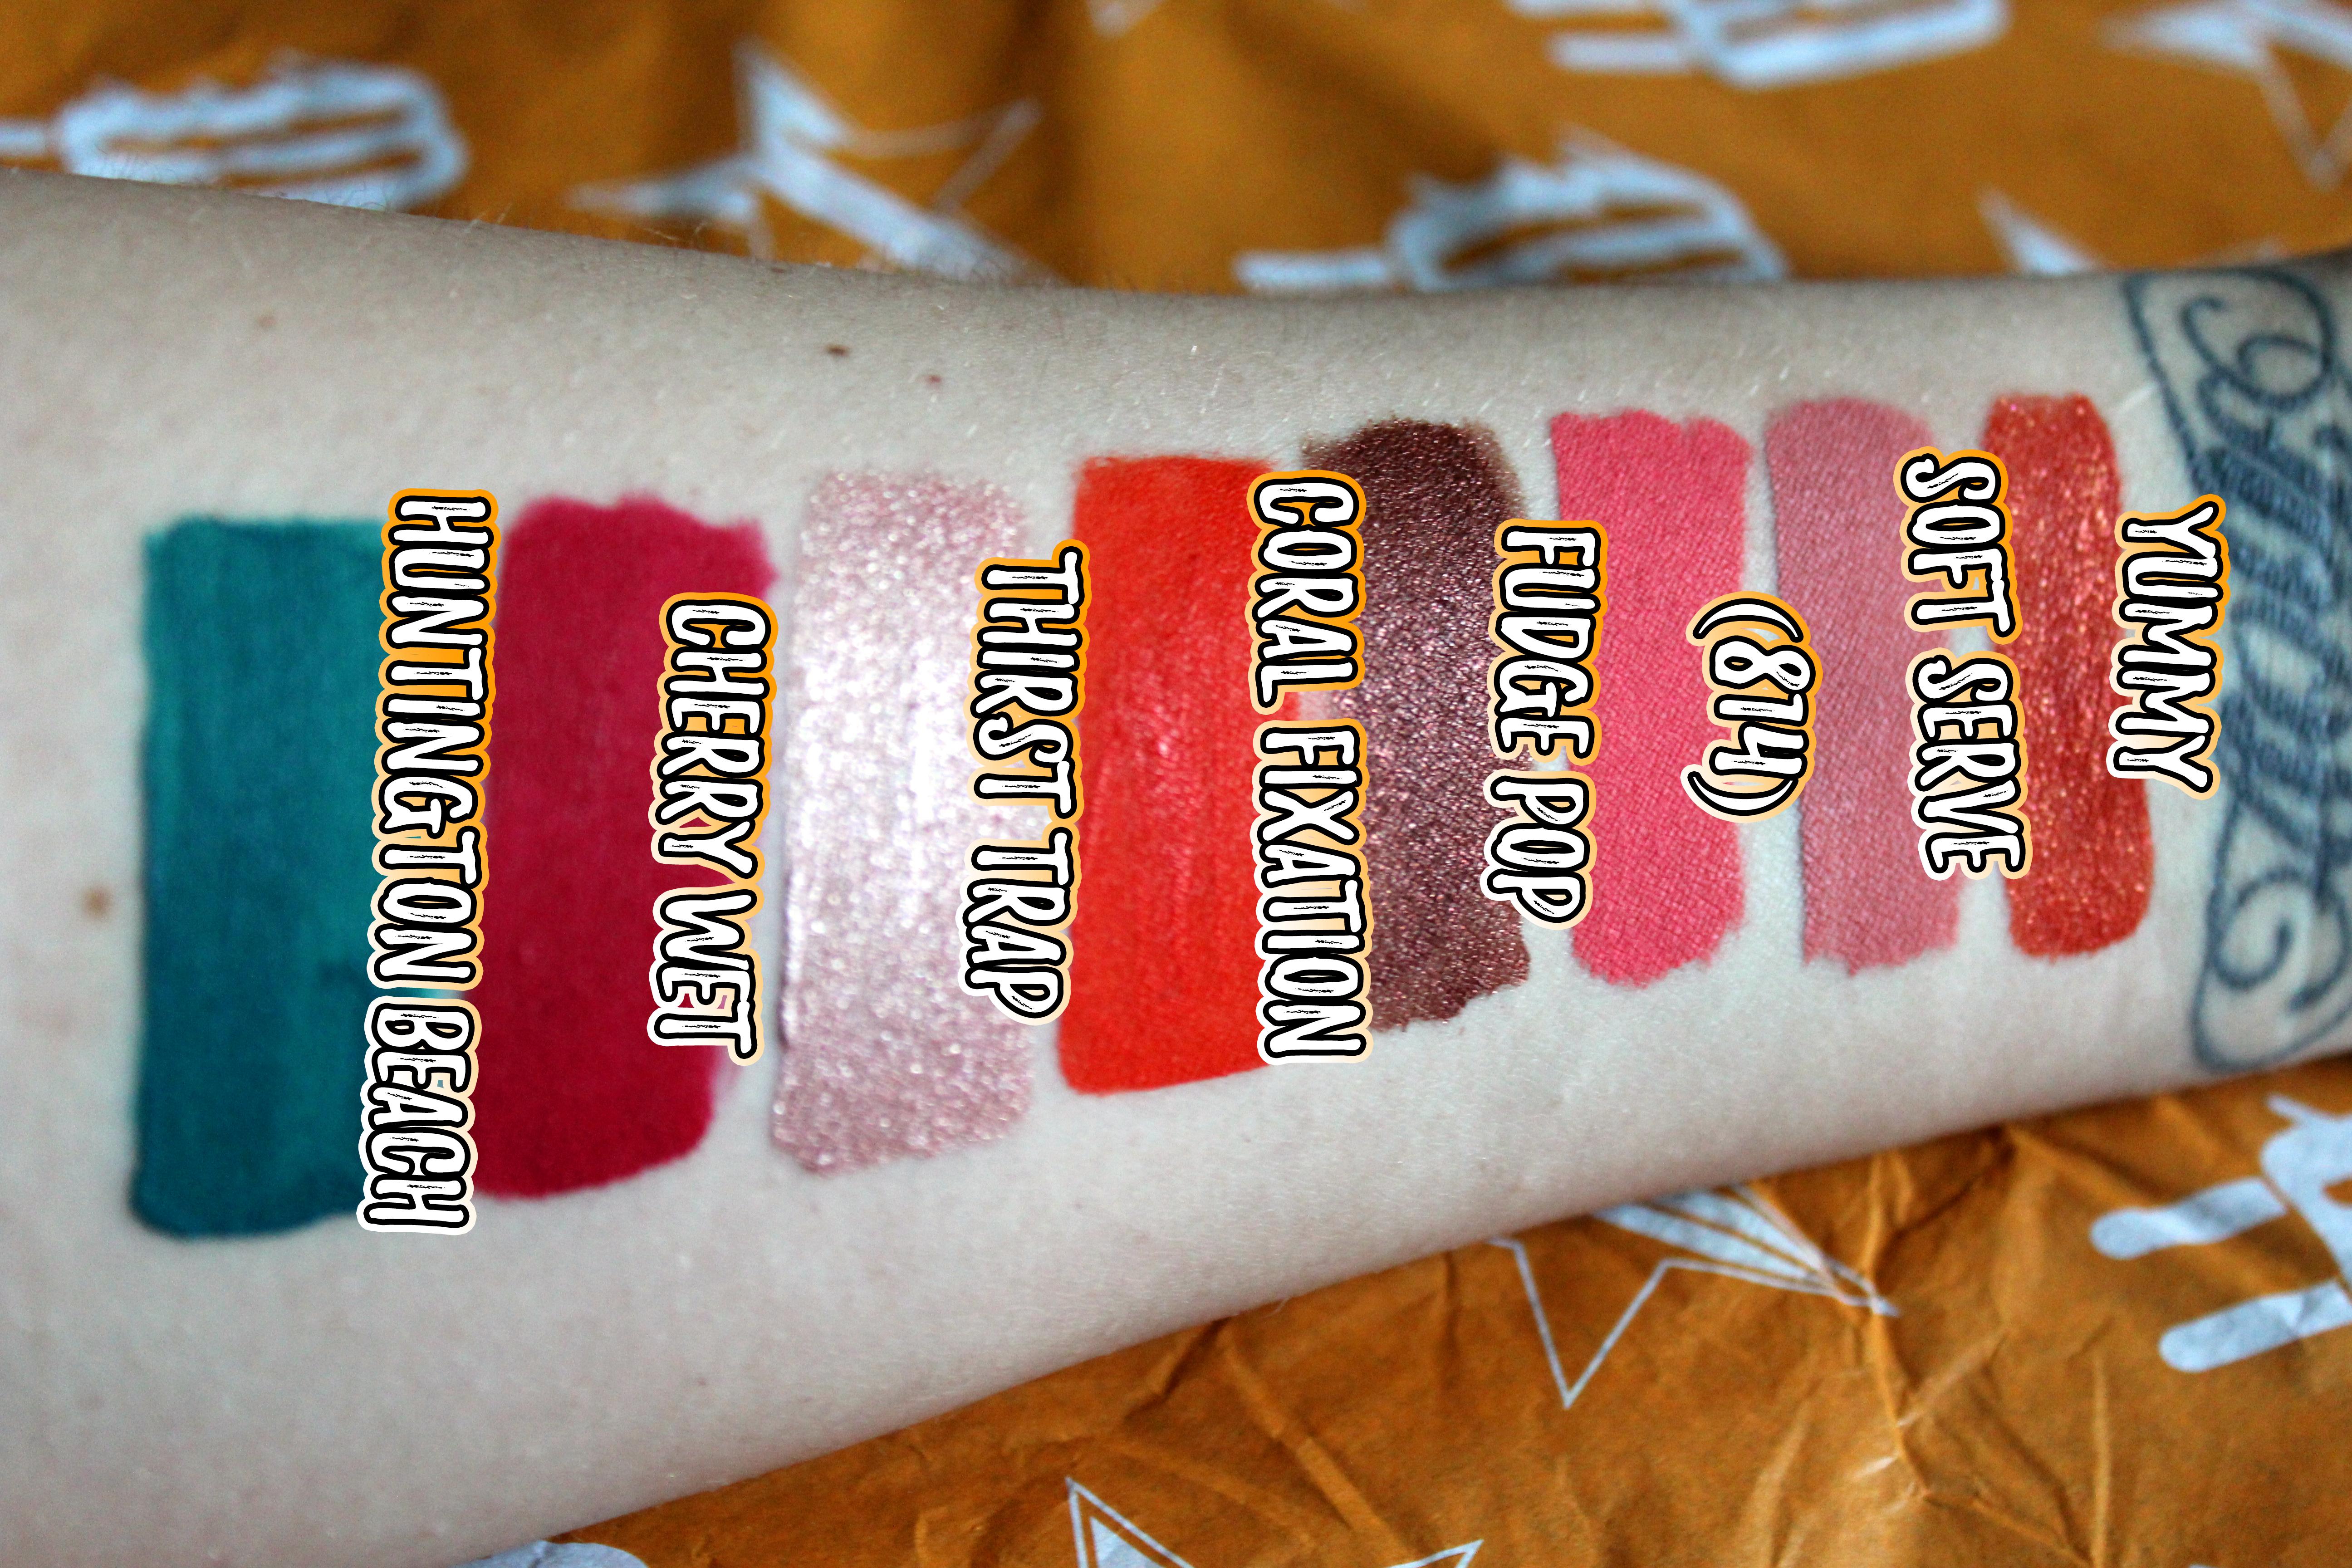 Jeffree Star Summer 2018 Velour Liquid Lipstick Swatches.jpg